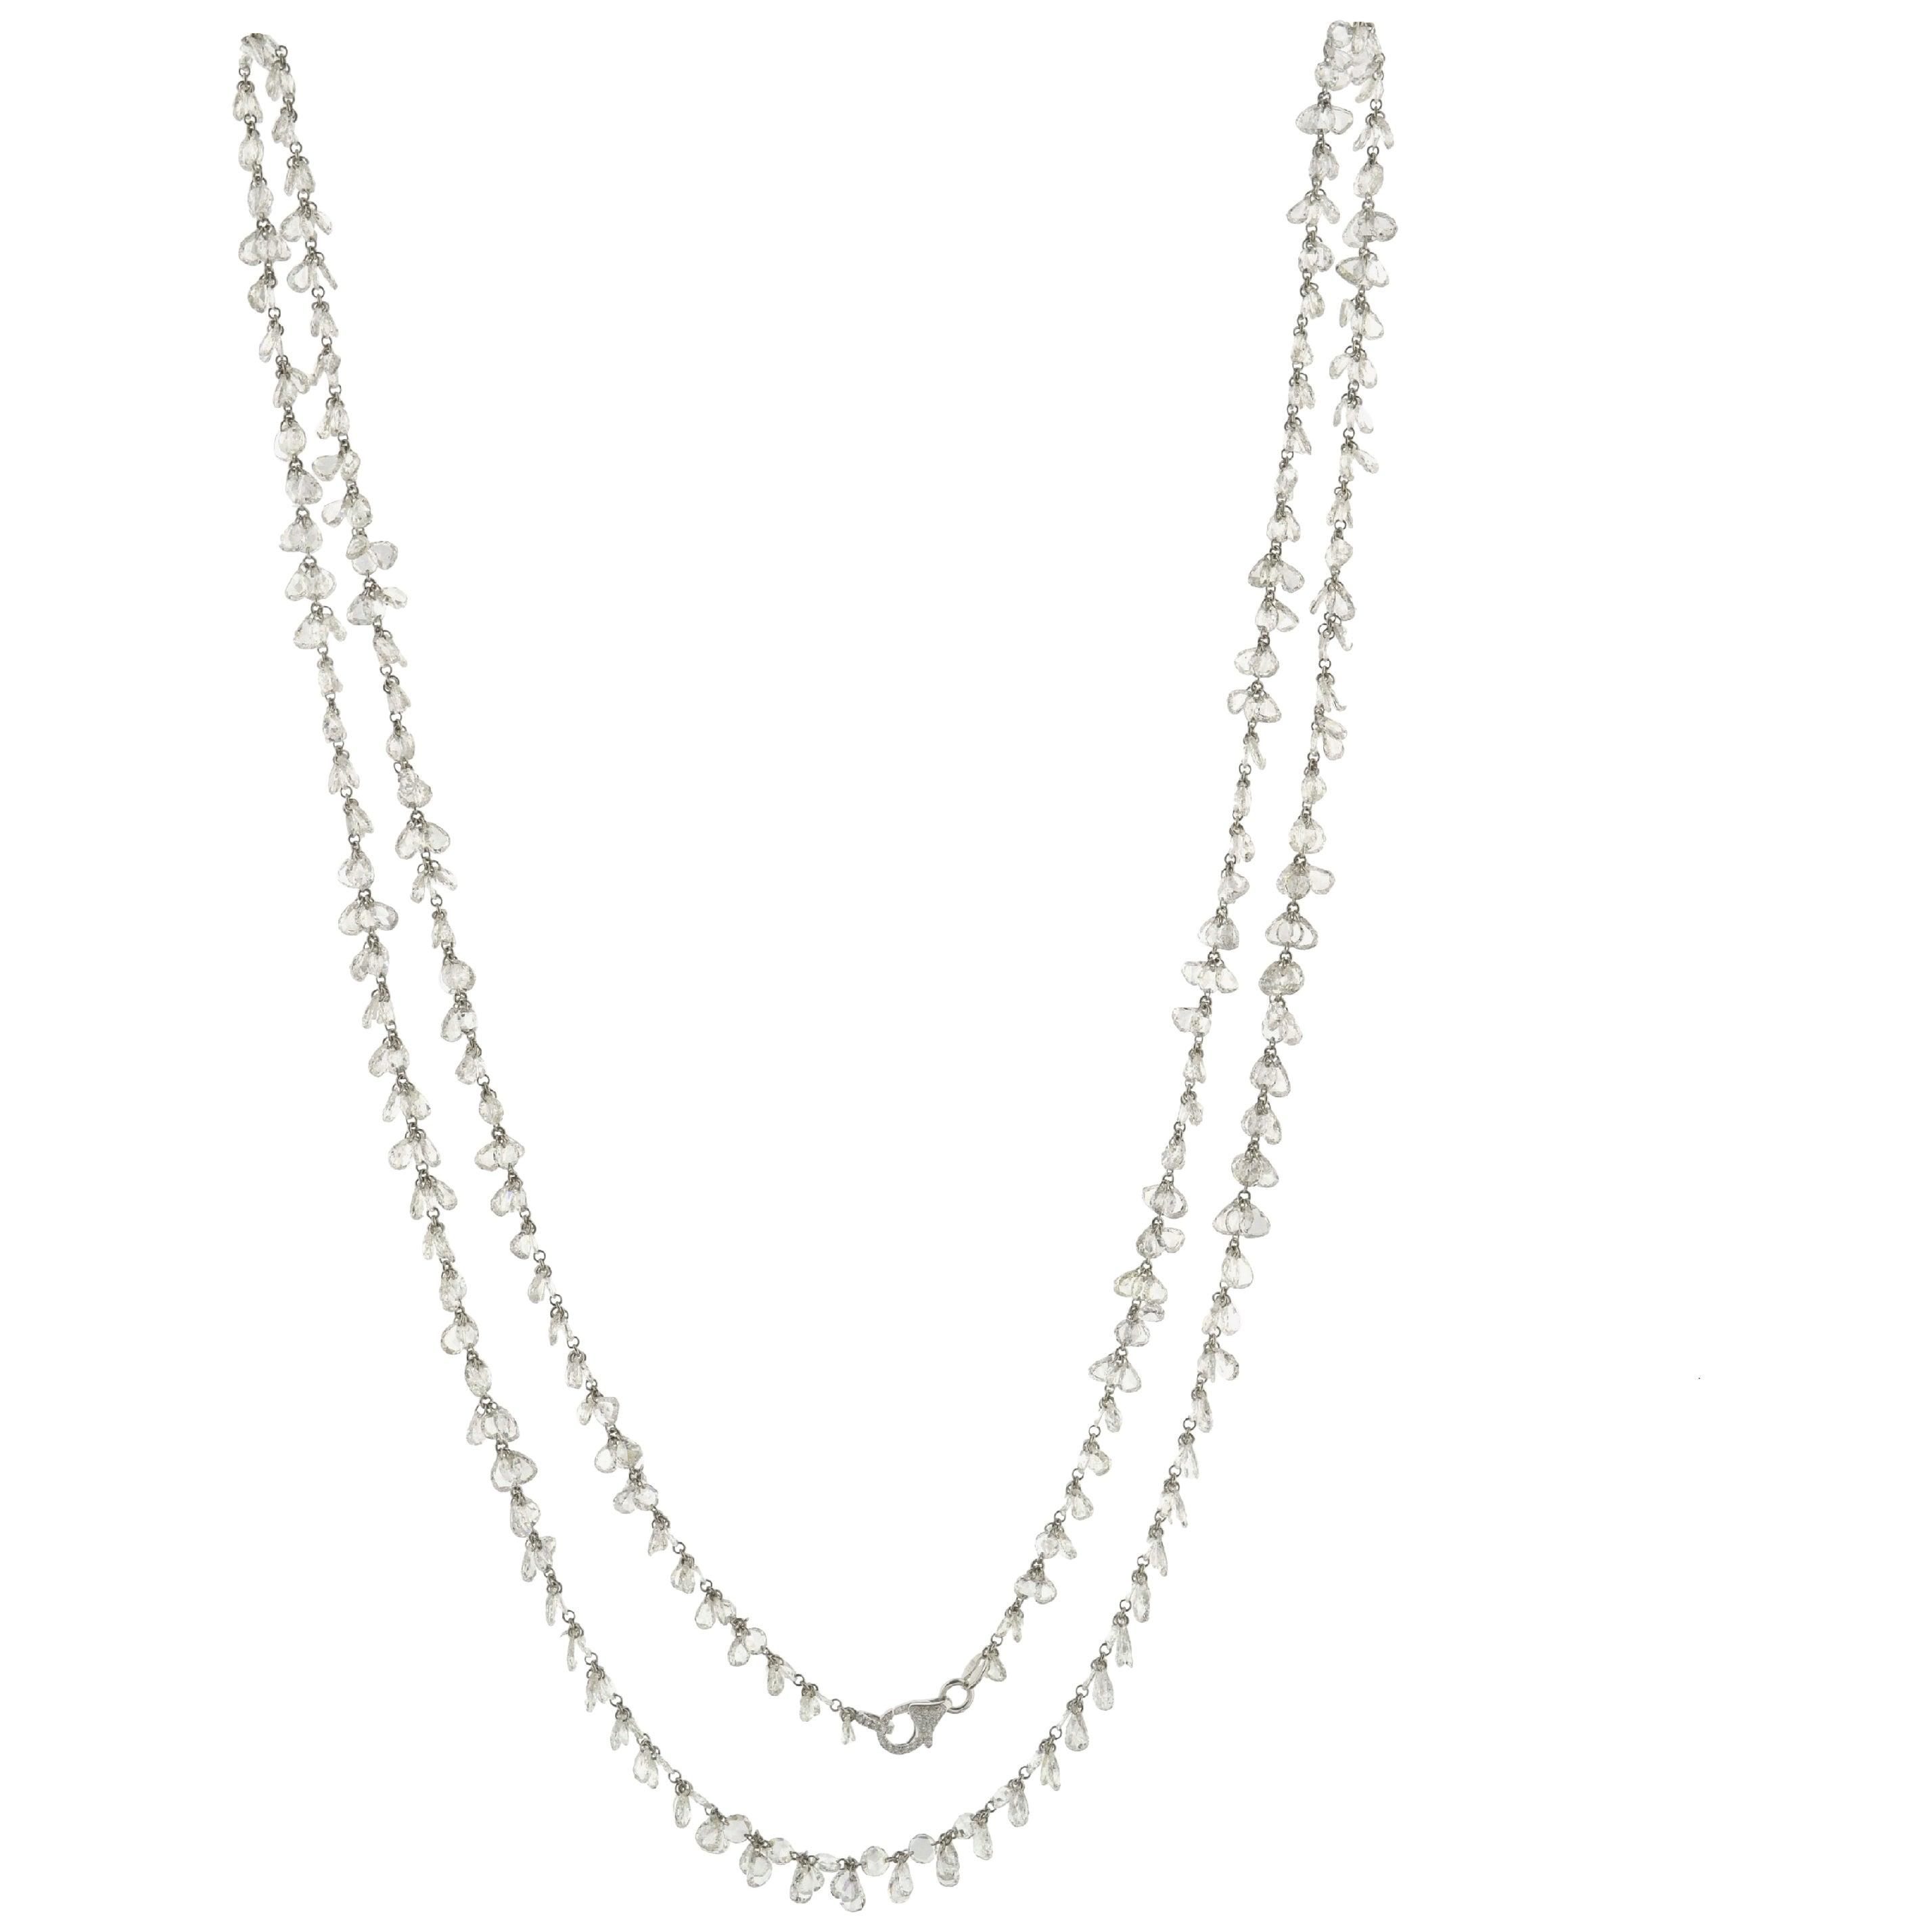 JR 60.11 Carat Rose Cut Diamond 18 Karat White Gold Dangling Necklace